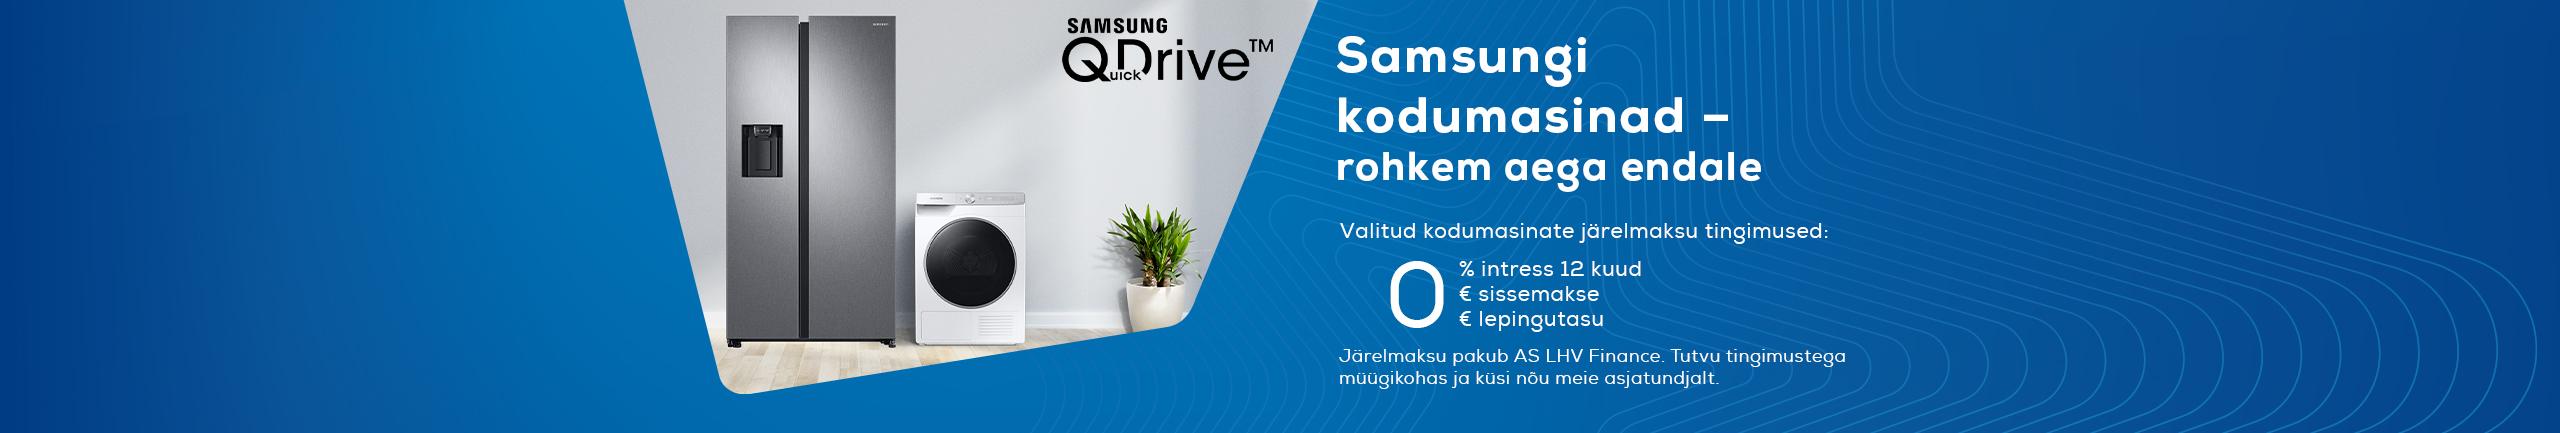 Valitud Samsung kodumasinate järelmaksu intress 12 kuud 0%, lepingutasu 0€, sissemakse 0€